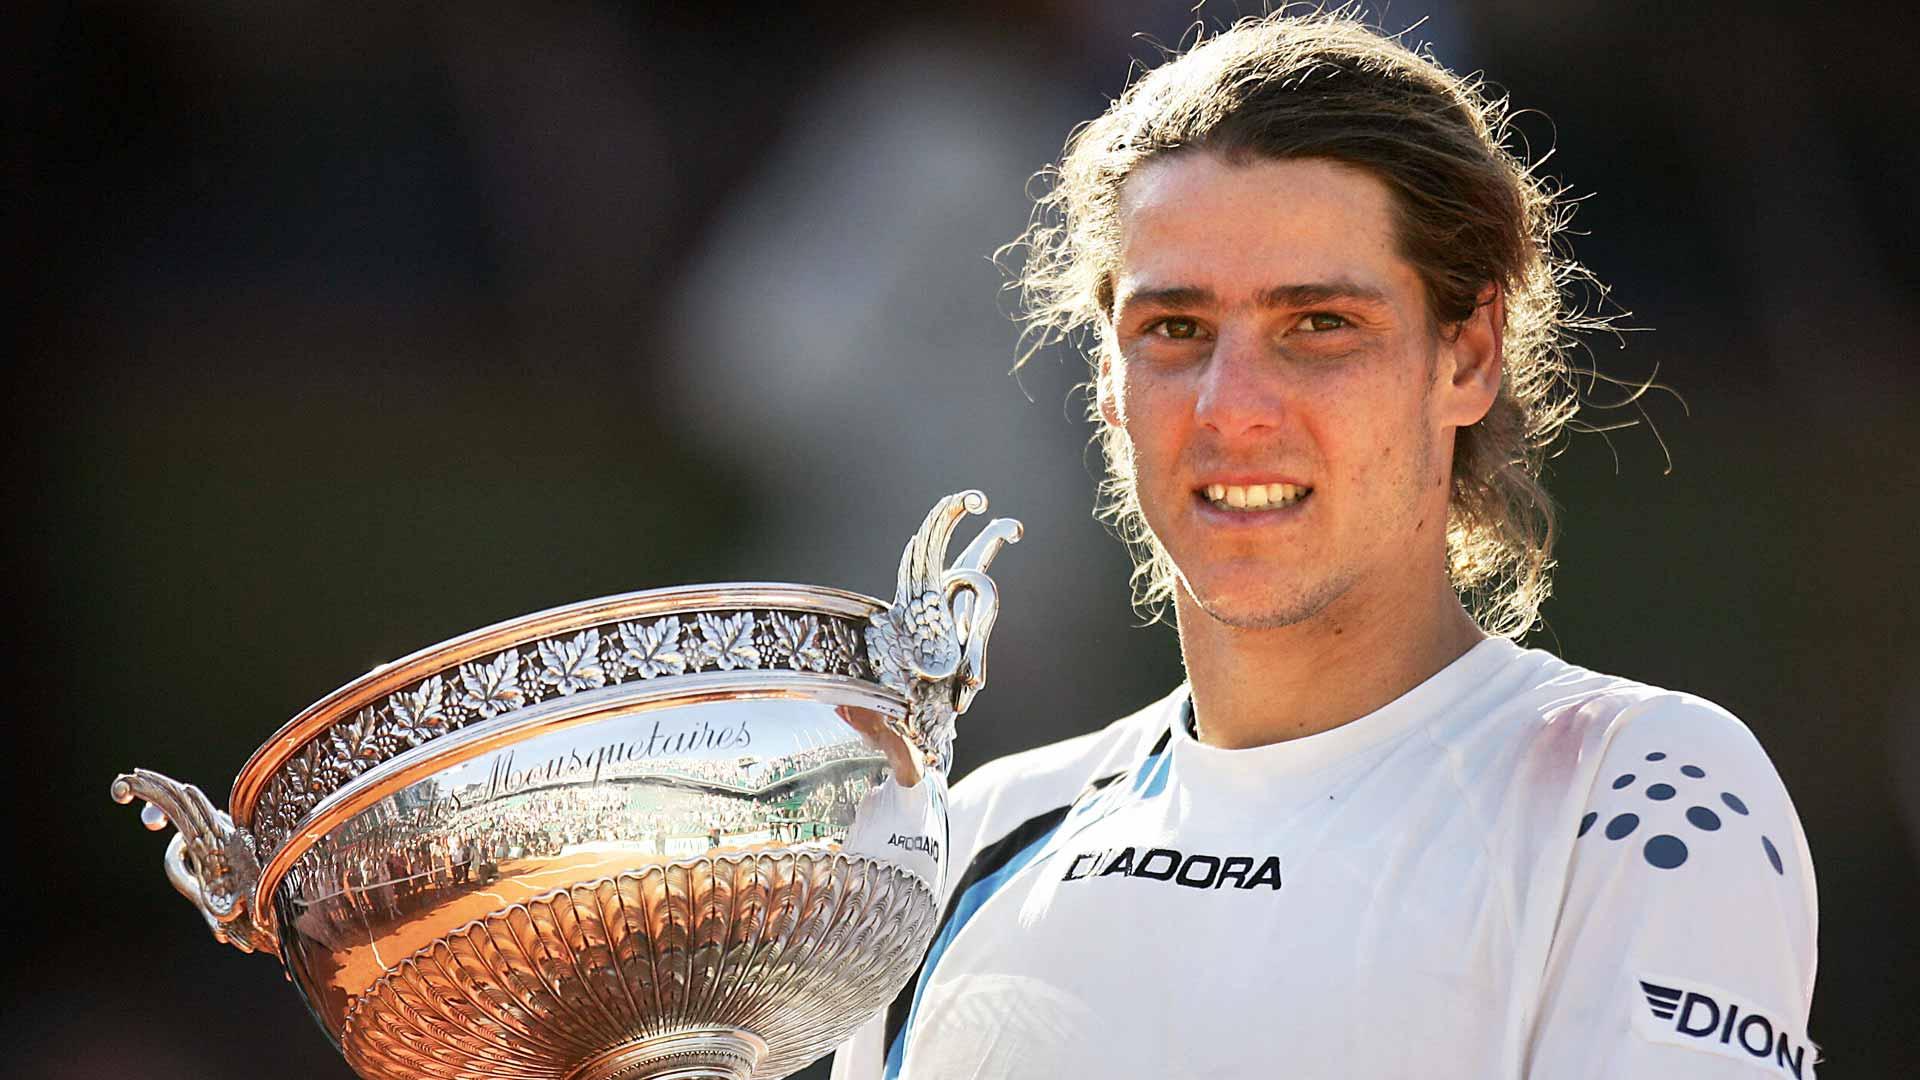 Gaudio 2004 Roland Garros trophy